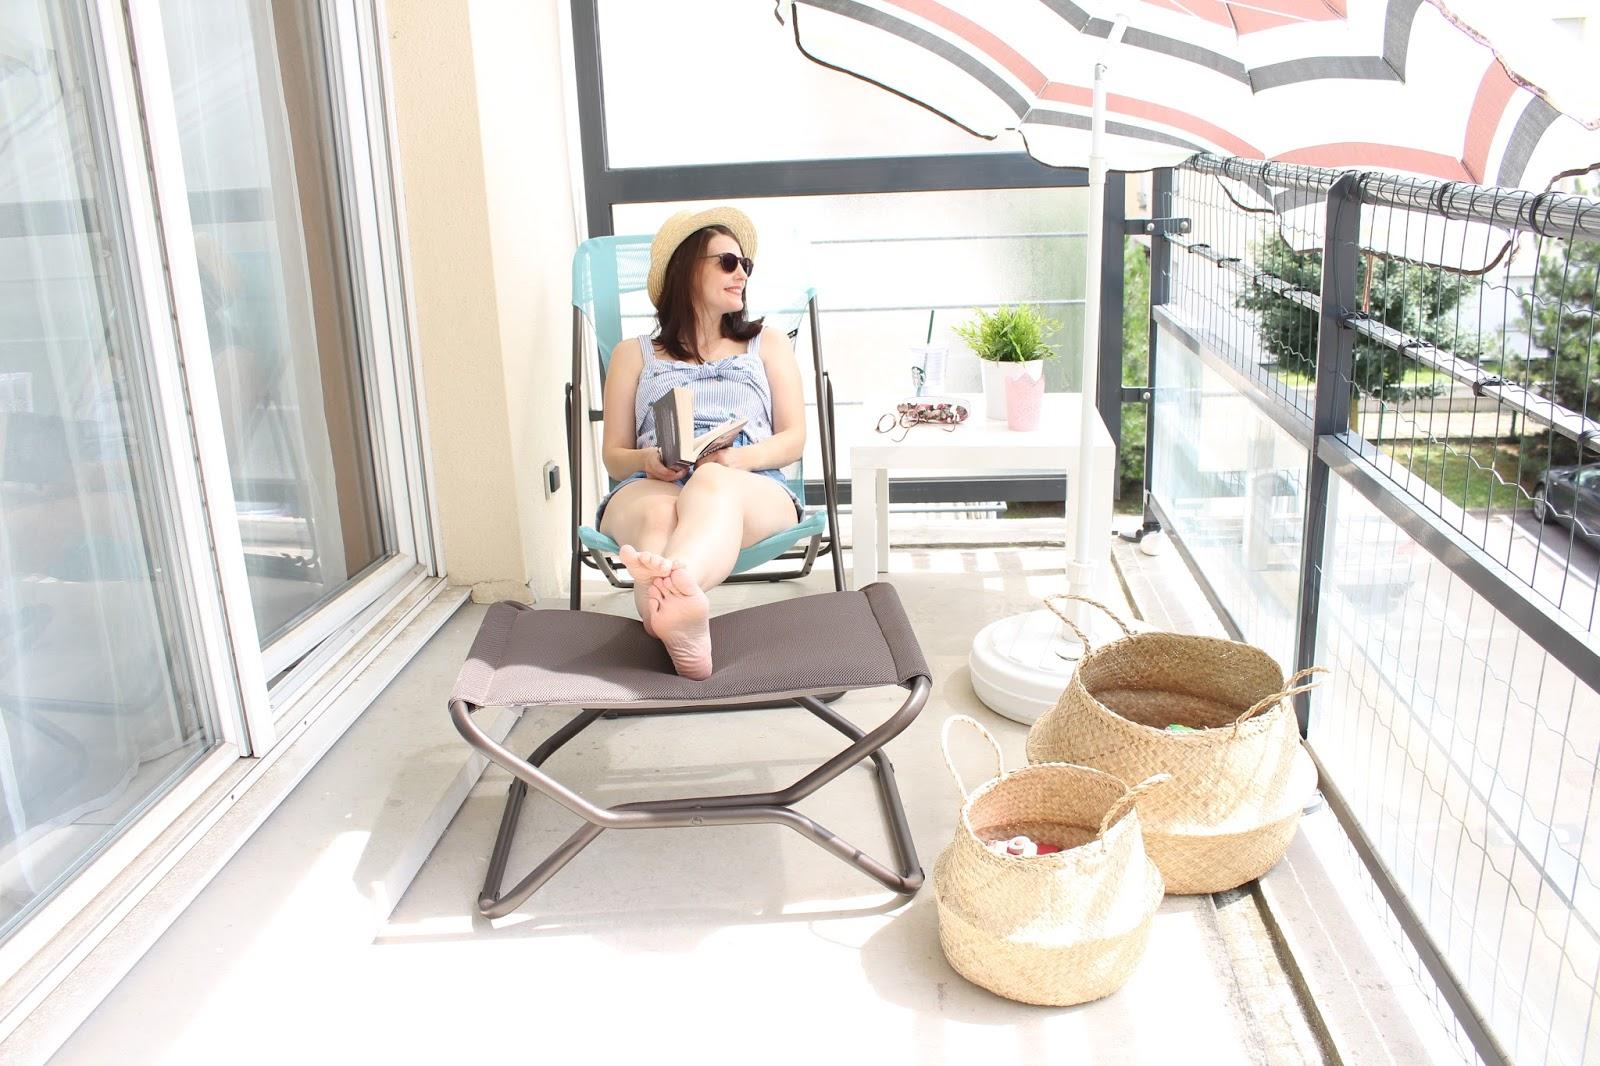 aprs vous avoir montr dans cet article l ma chaise longue maxi transat bleu arctic me revoil pour vous parler de son accessoire indispensable pour - Transat Balcon